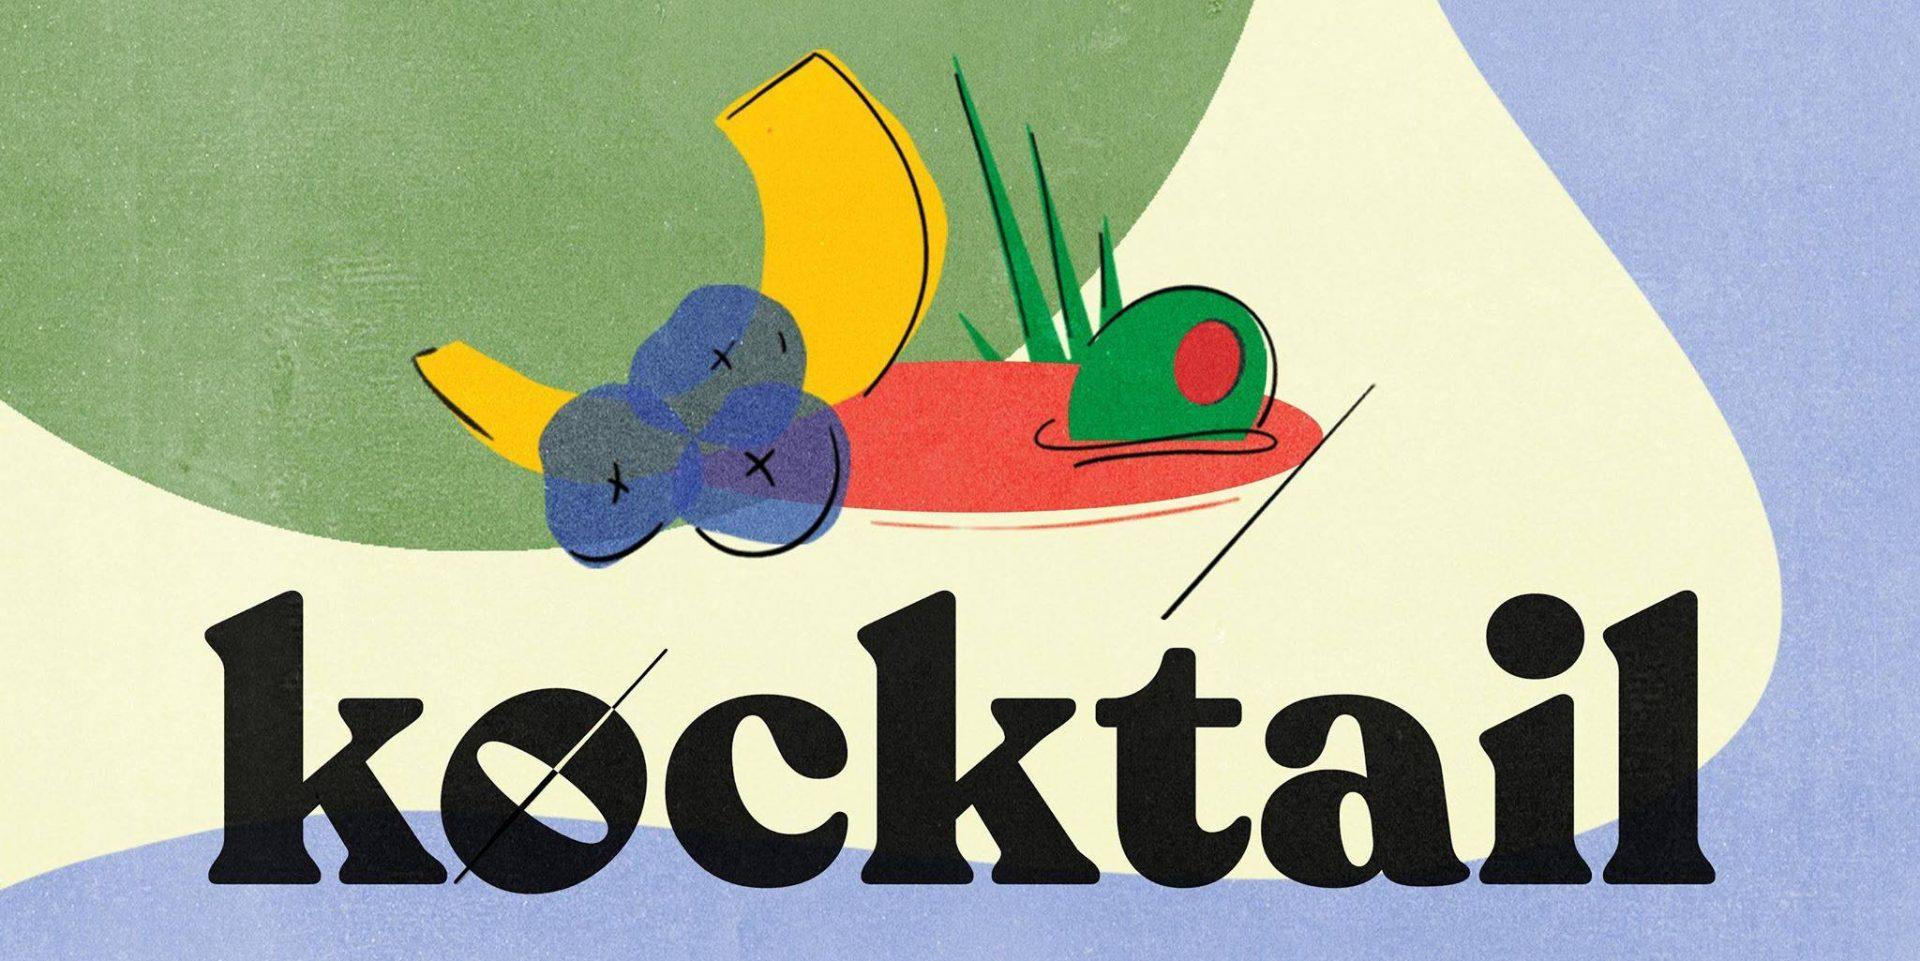 kocktail-cover